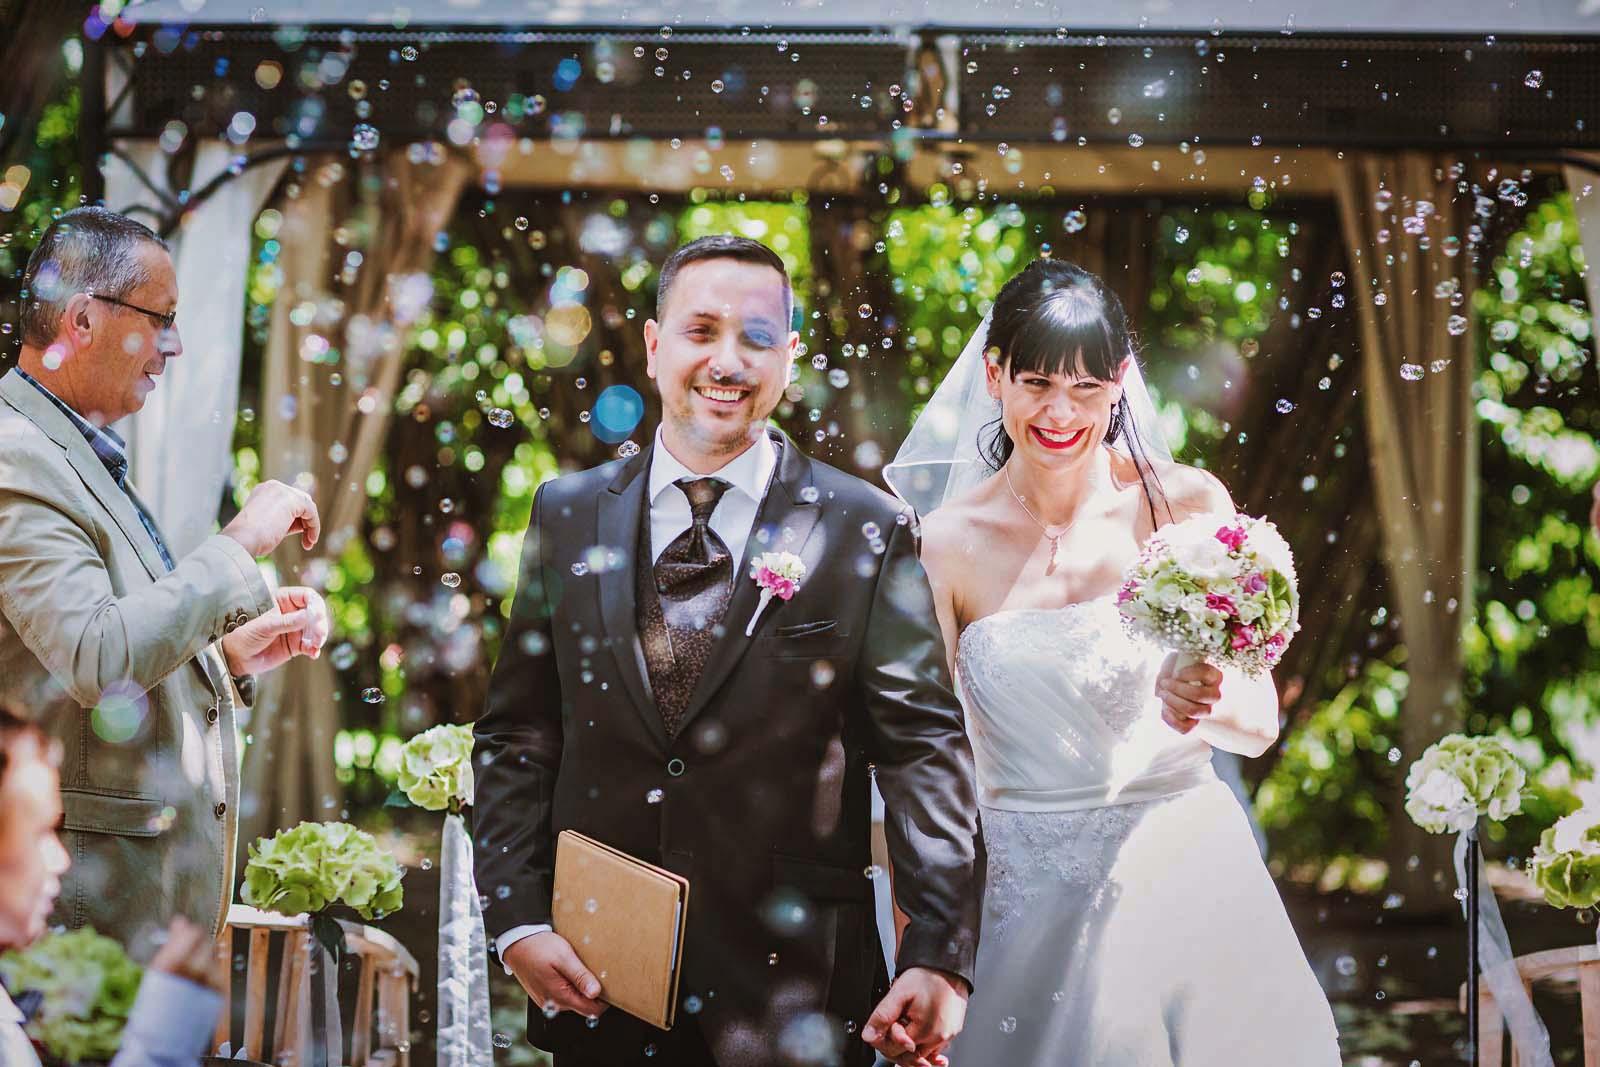 Hochzeitsreportage Footo zeigt Brautpaar und Seifenblasen Copyright by Hochzeitsfotograf www.berliner-hochzeitsfotografie.de